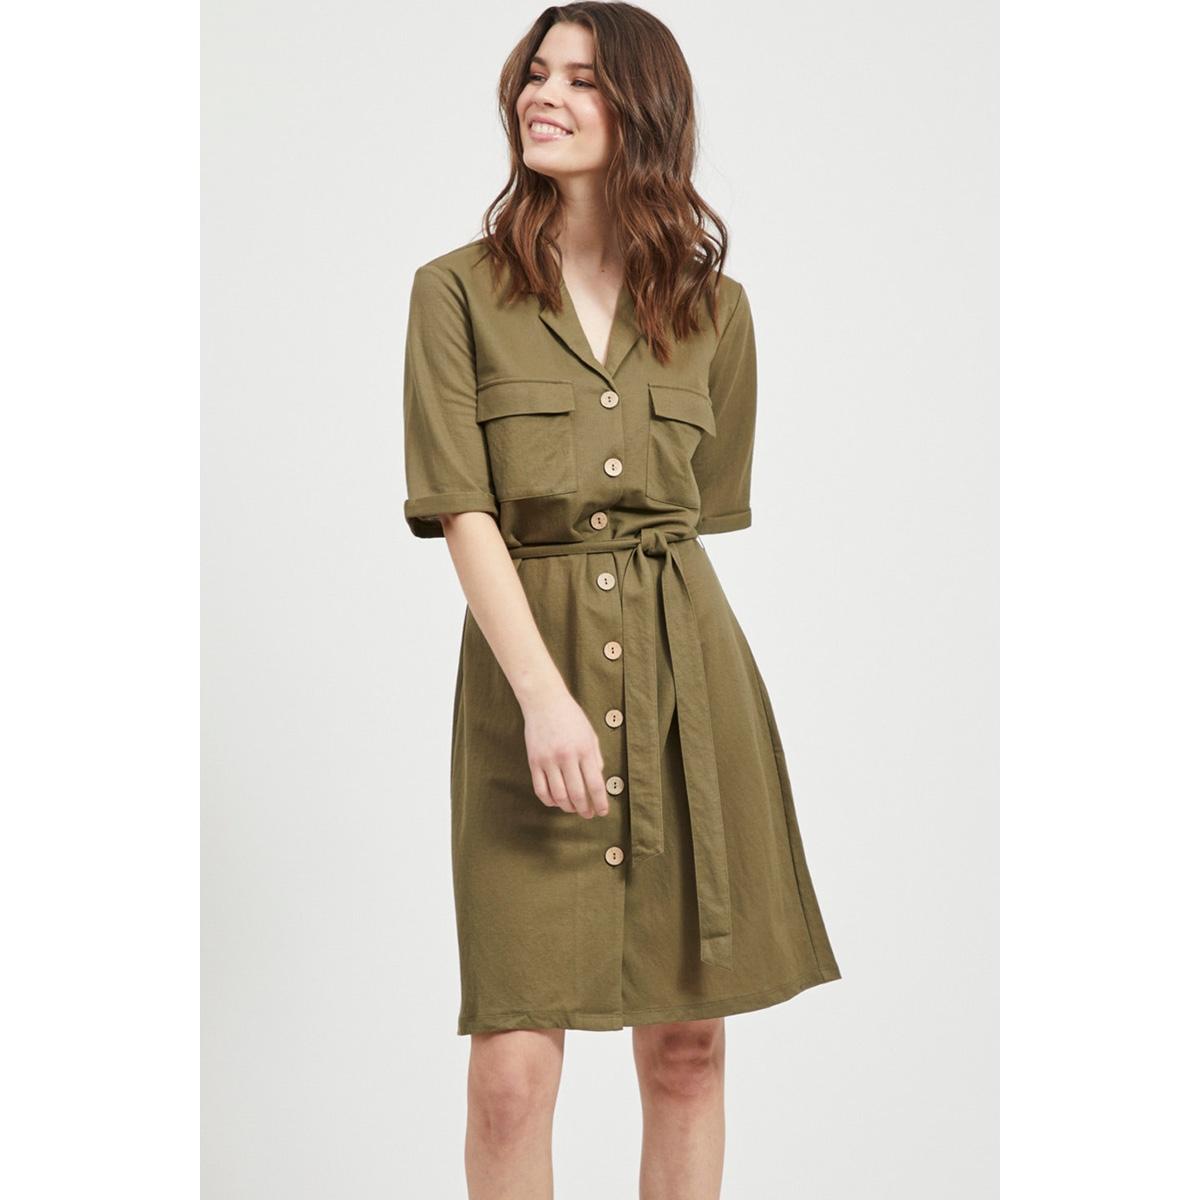 objthelma 2/4 dress 107 23031680 object jurk burnt olive